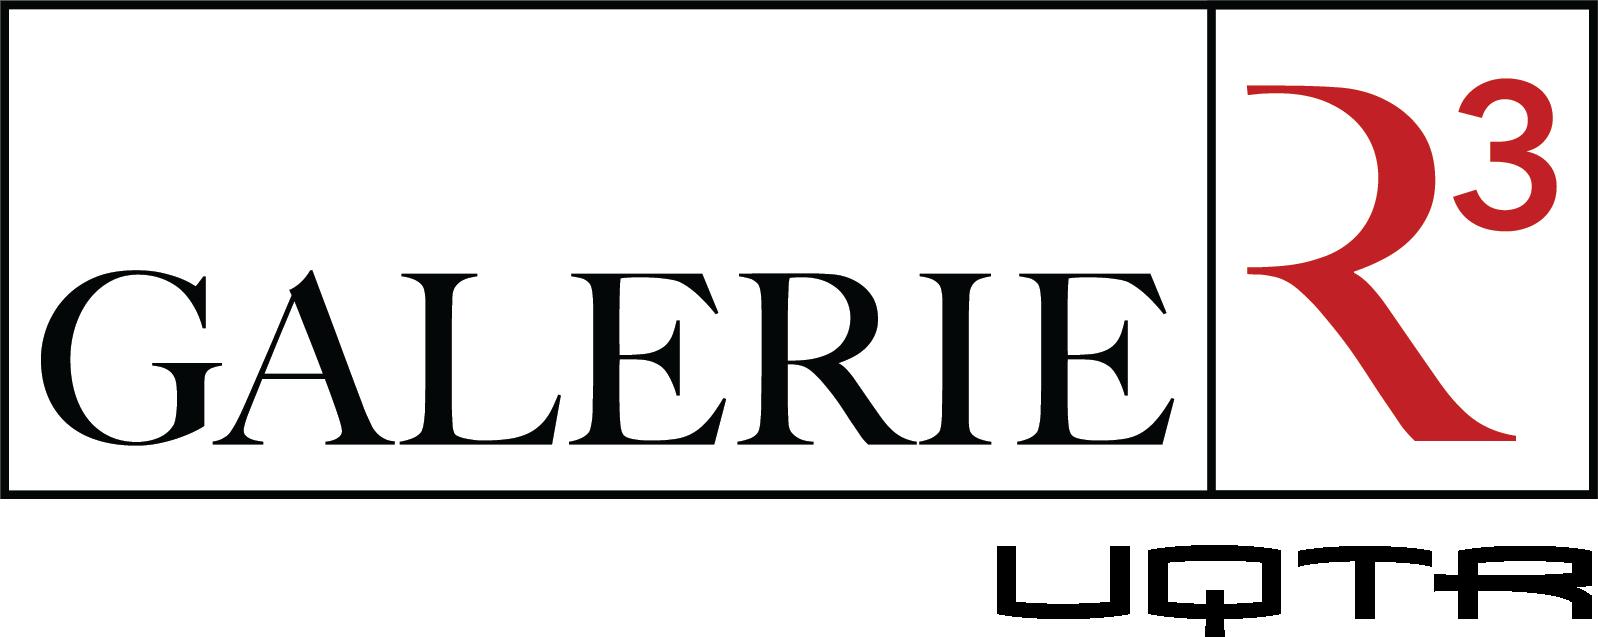 Logo Galerie R3 rectangulaire